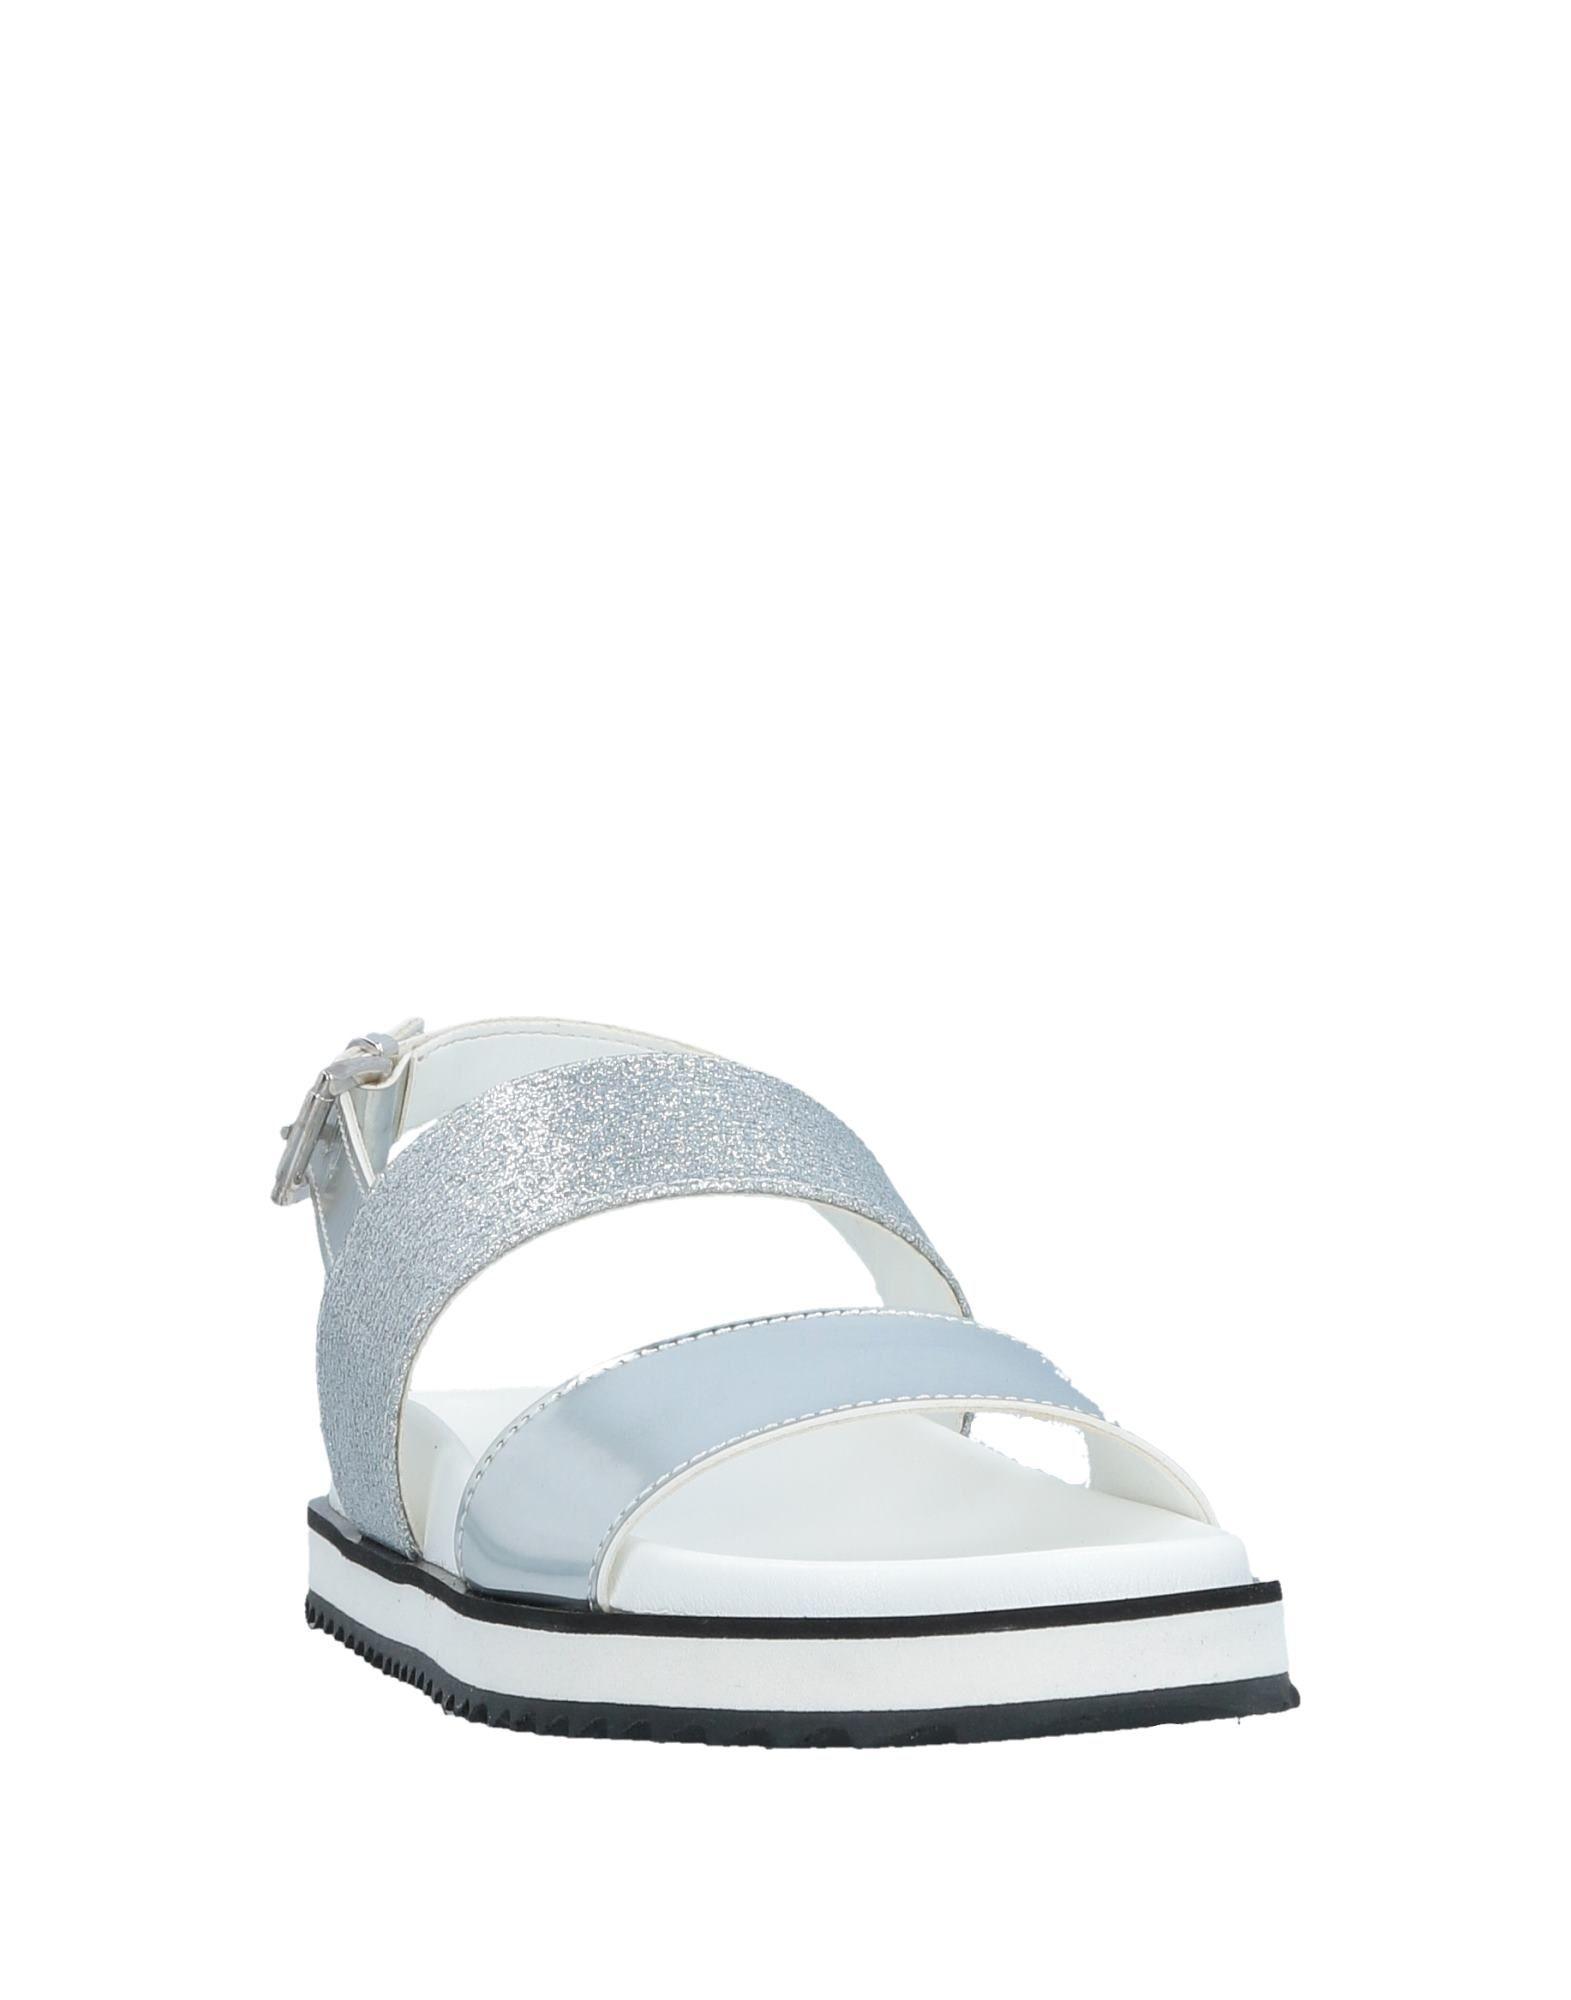 Trussardi Jeans Sandalen Damen  Schuhe 11515586KD Gute Qualität beliebte Schuhe  7a2824